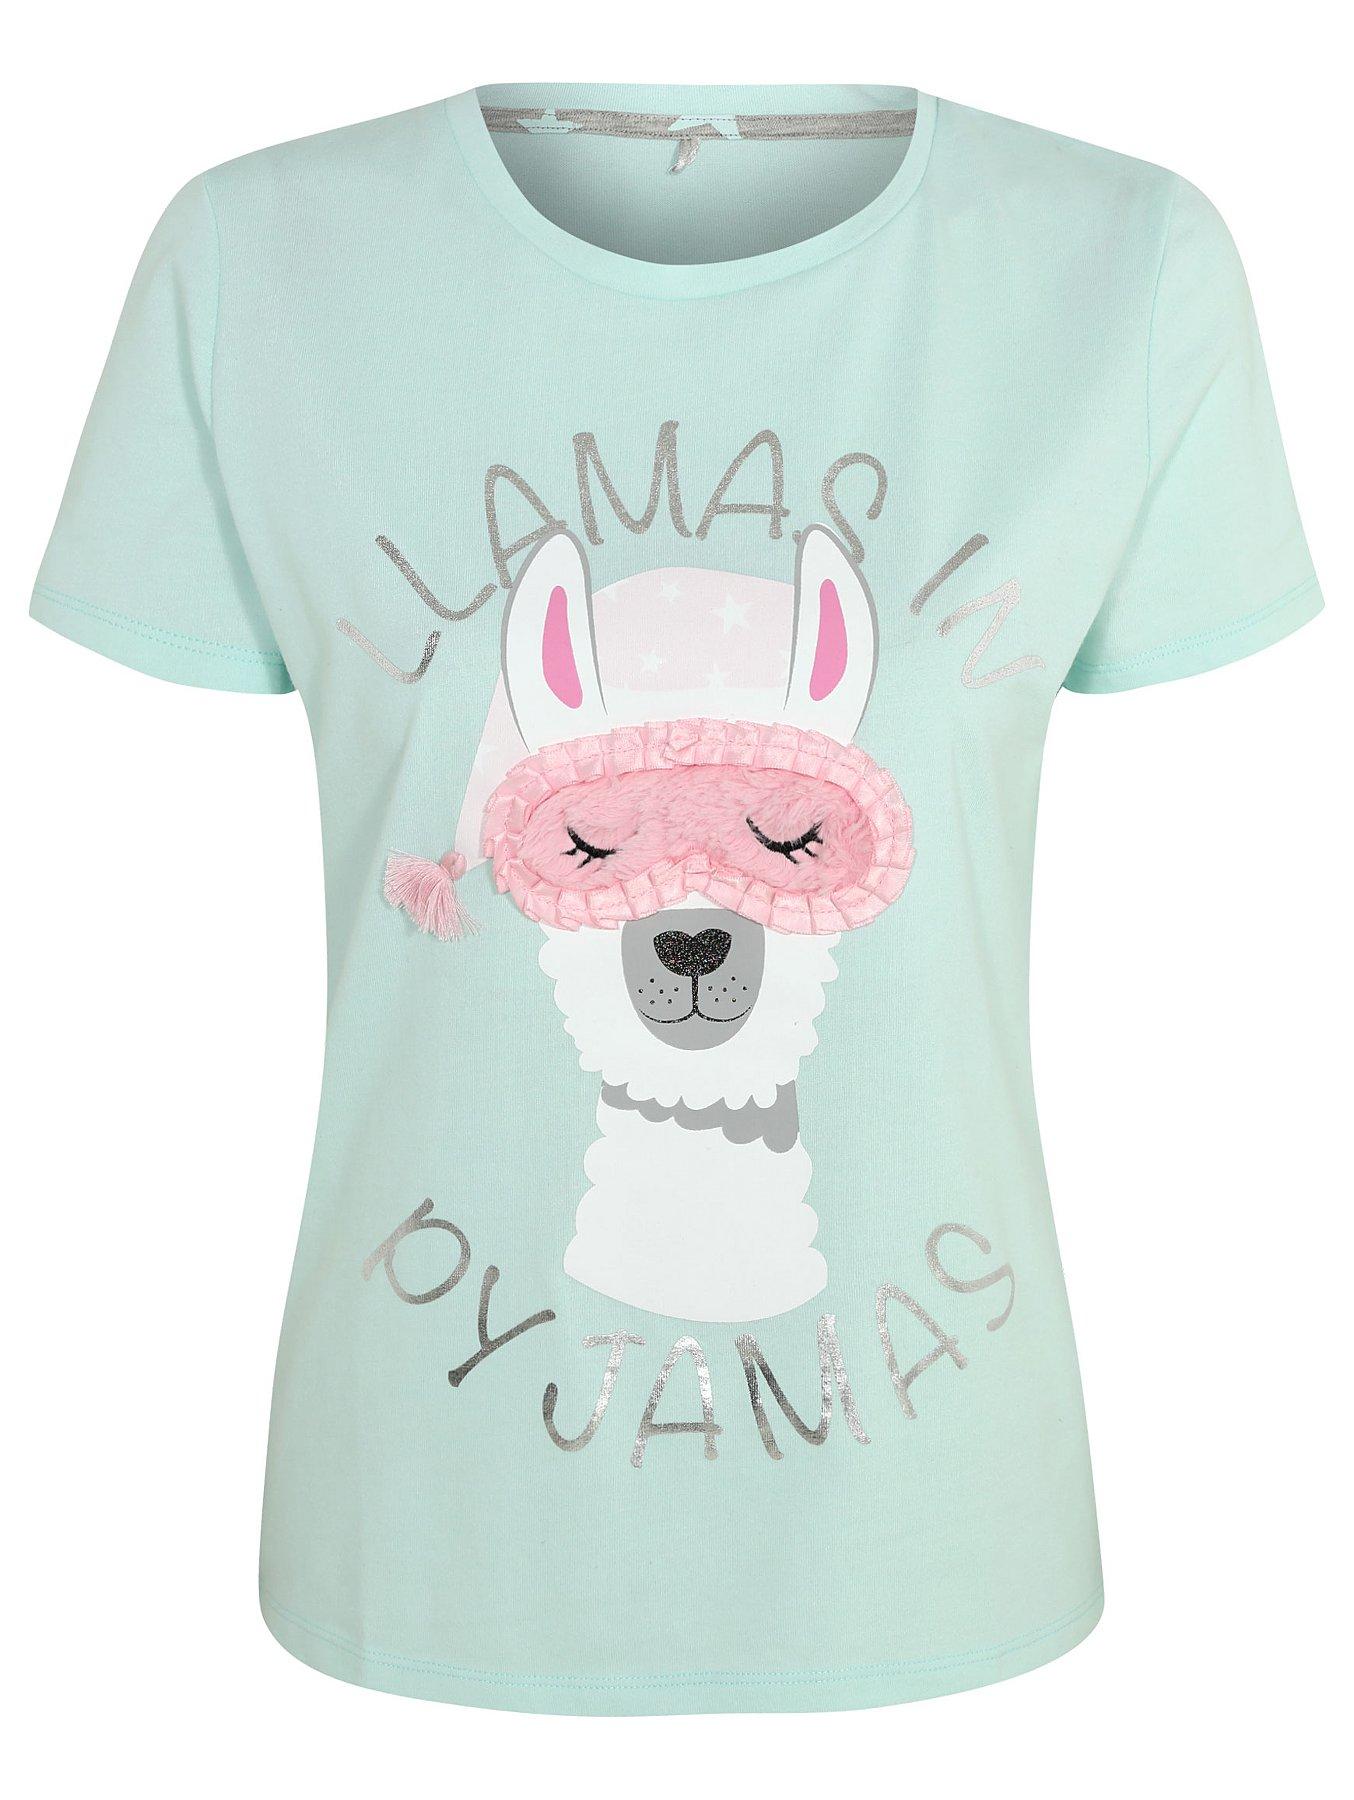 Green Llama Slogan Pyjamas. Reset 8f8452e76